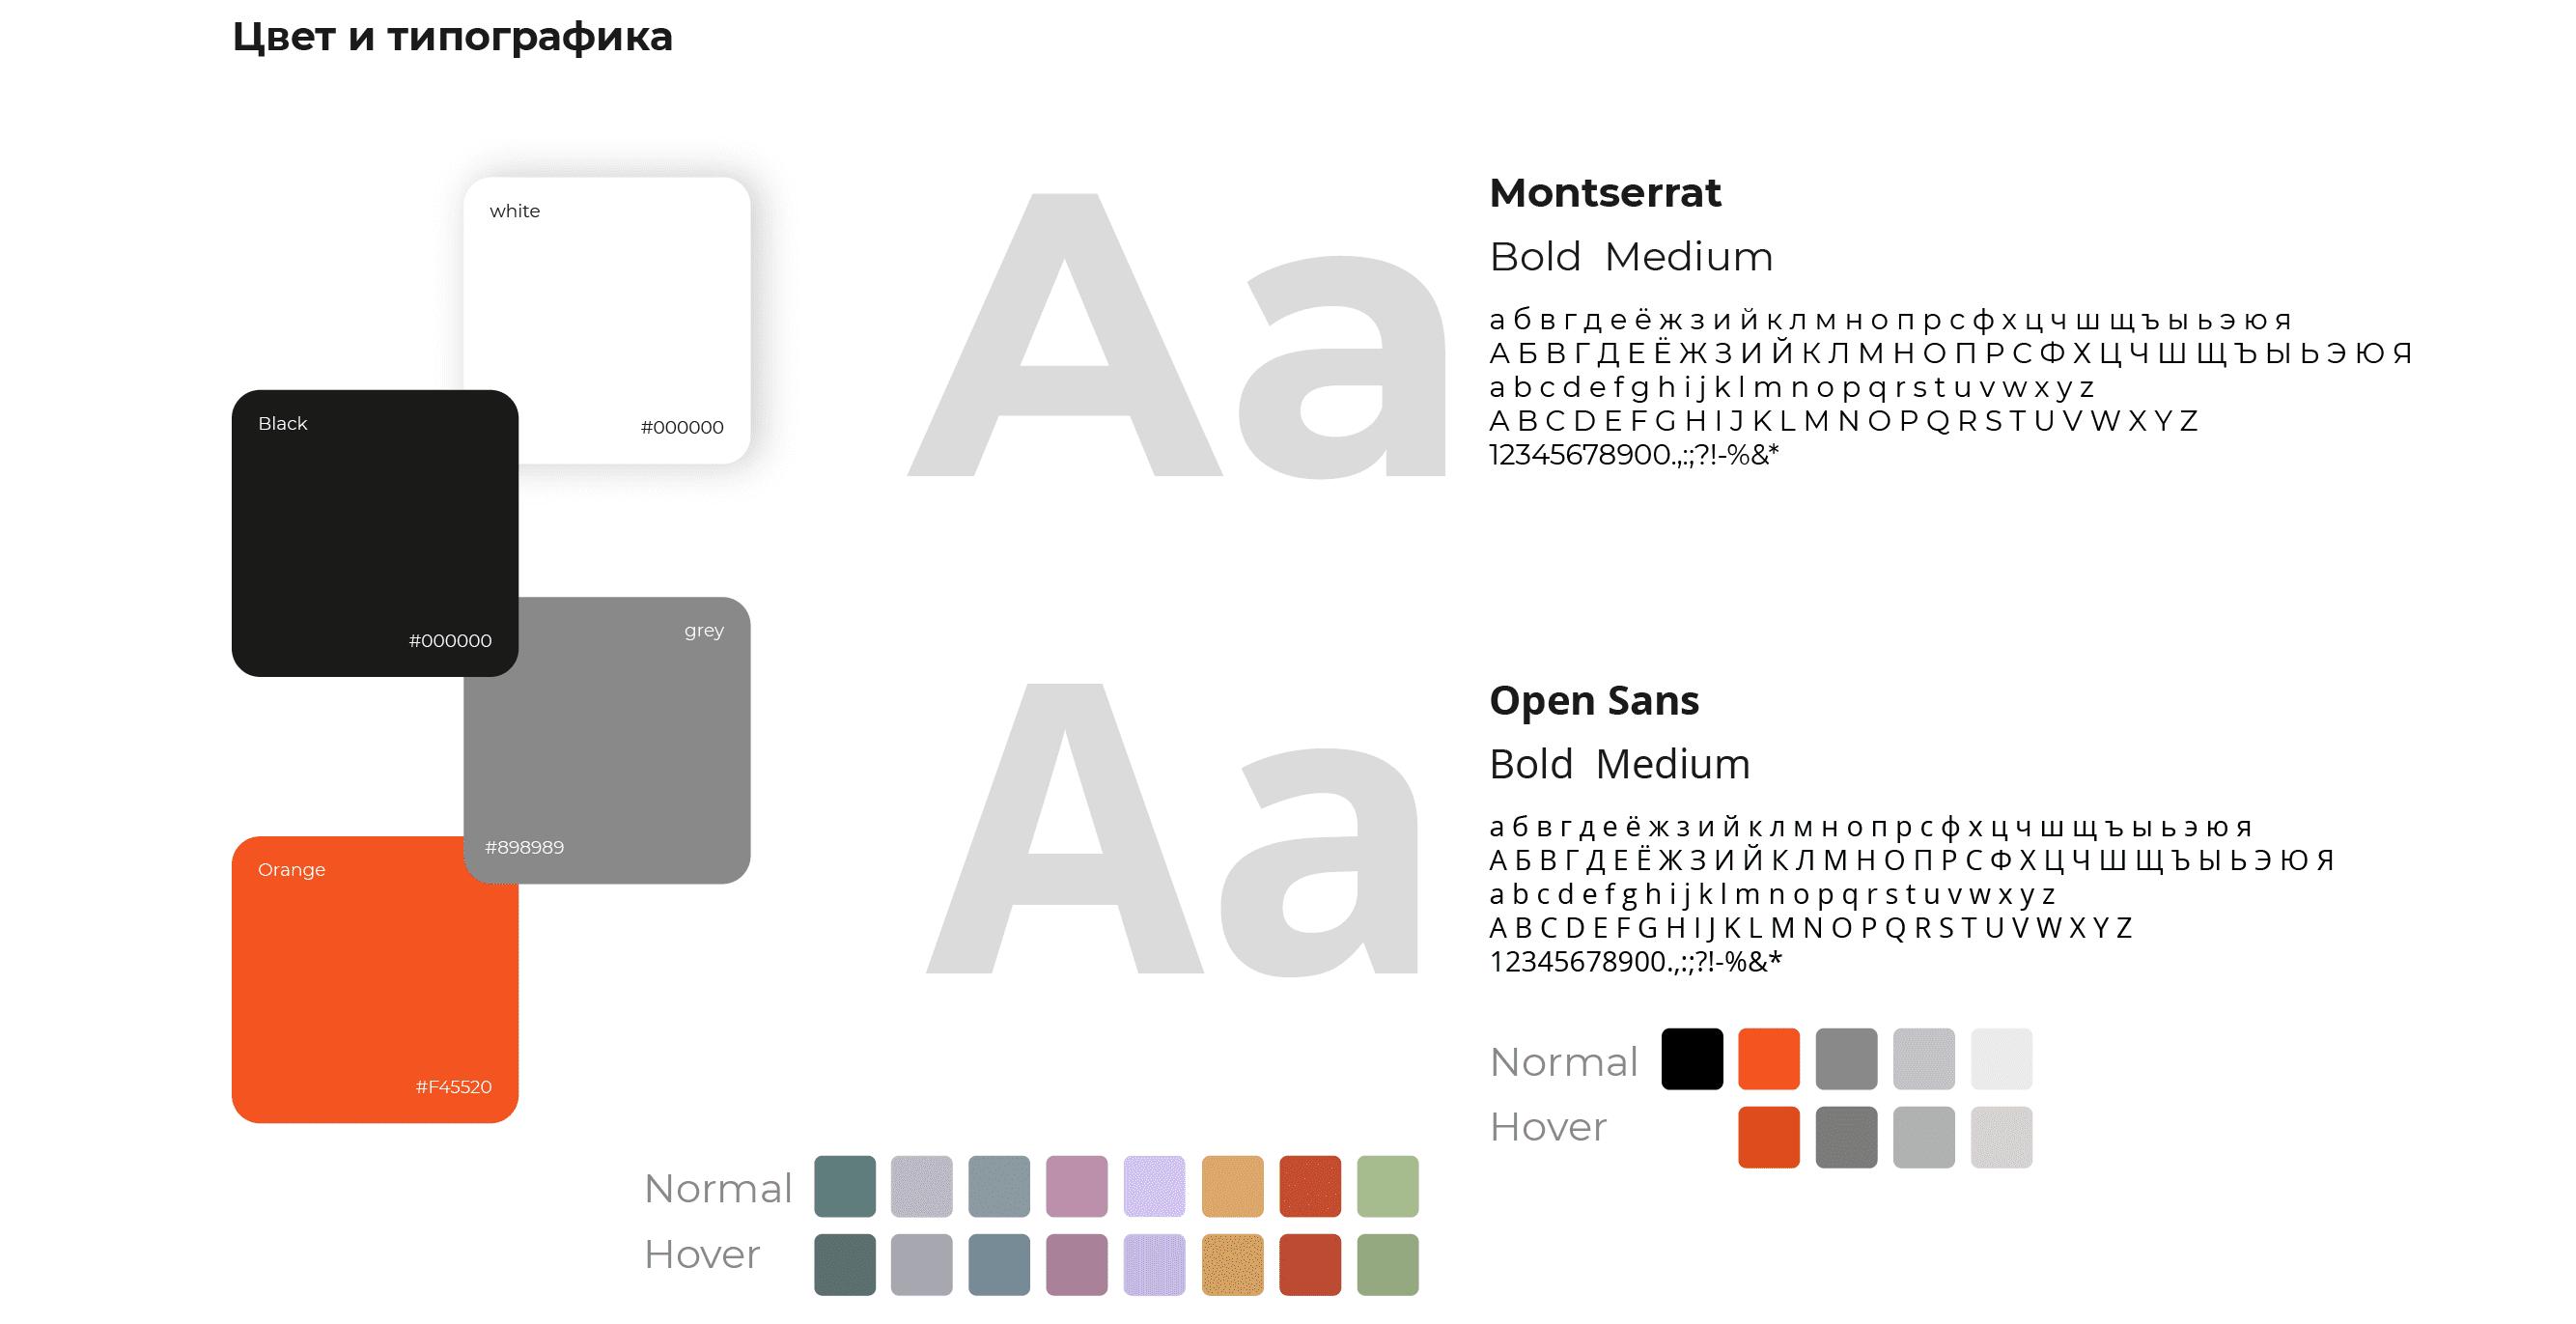 дизайн образовательного сайта портала - цветовая гамма и шрифты